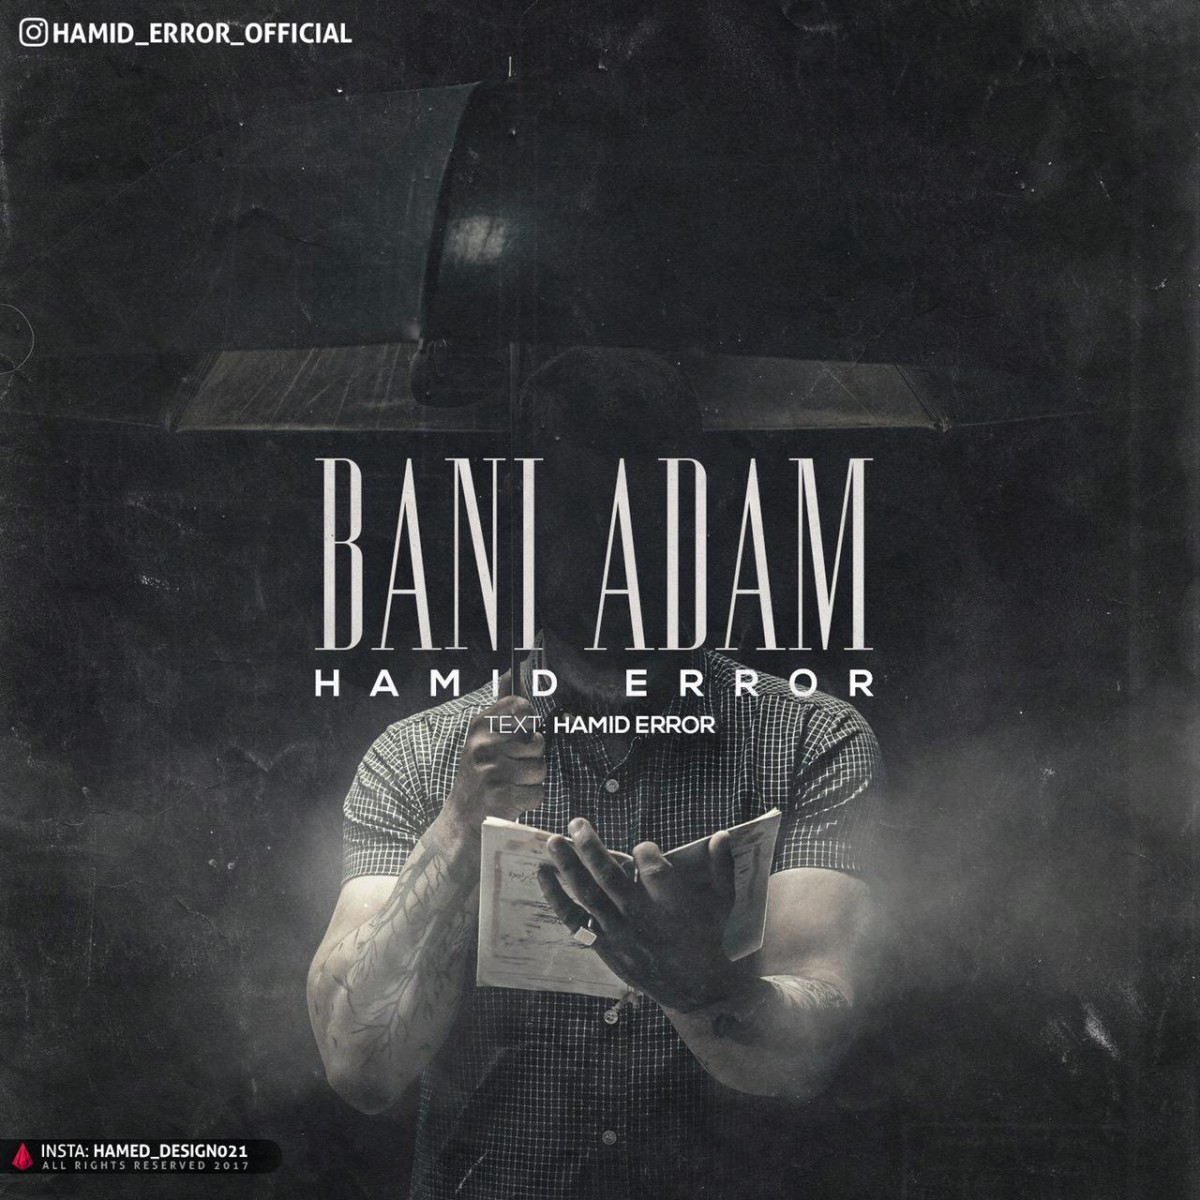 نامبر وان موزیک   دانلود آهنگ جدید Hamid-Error-Bani-Adam